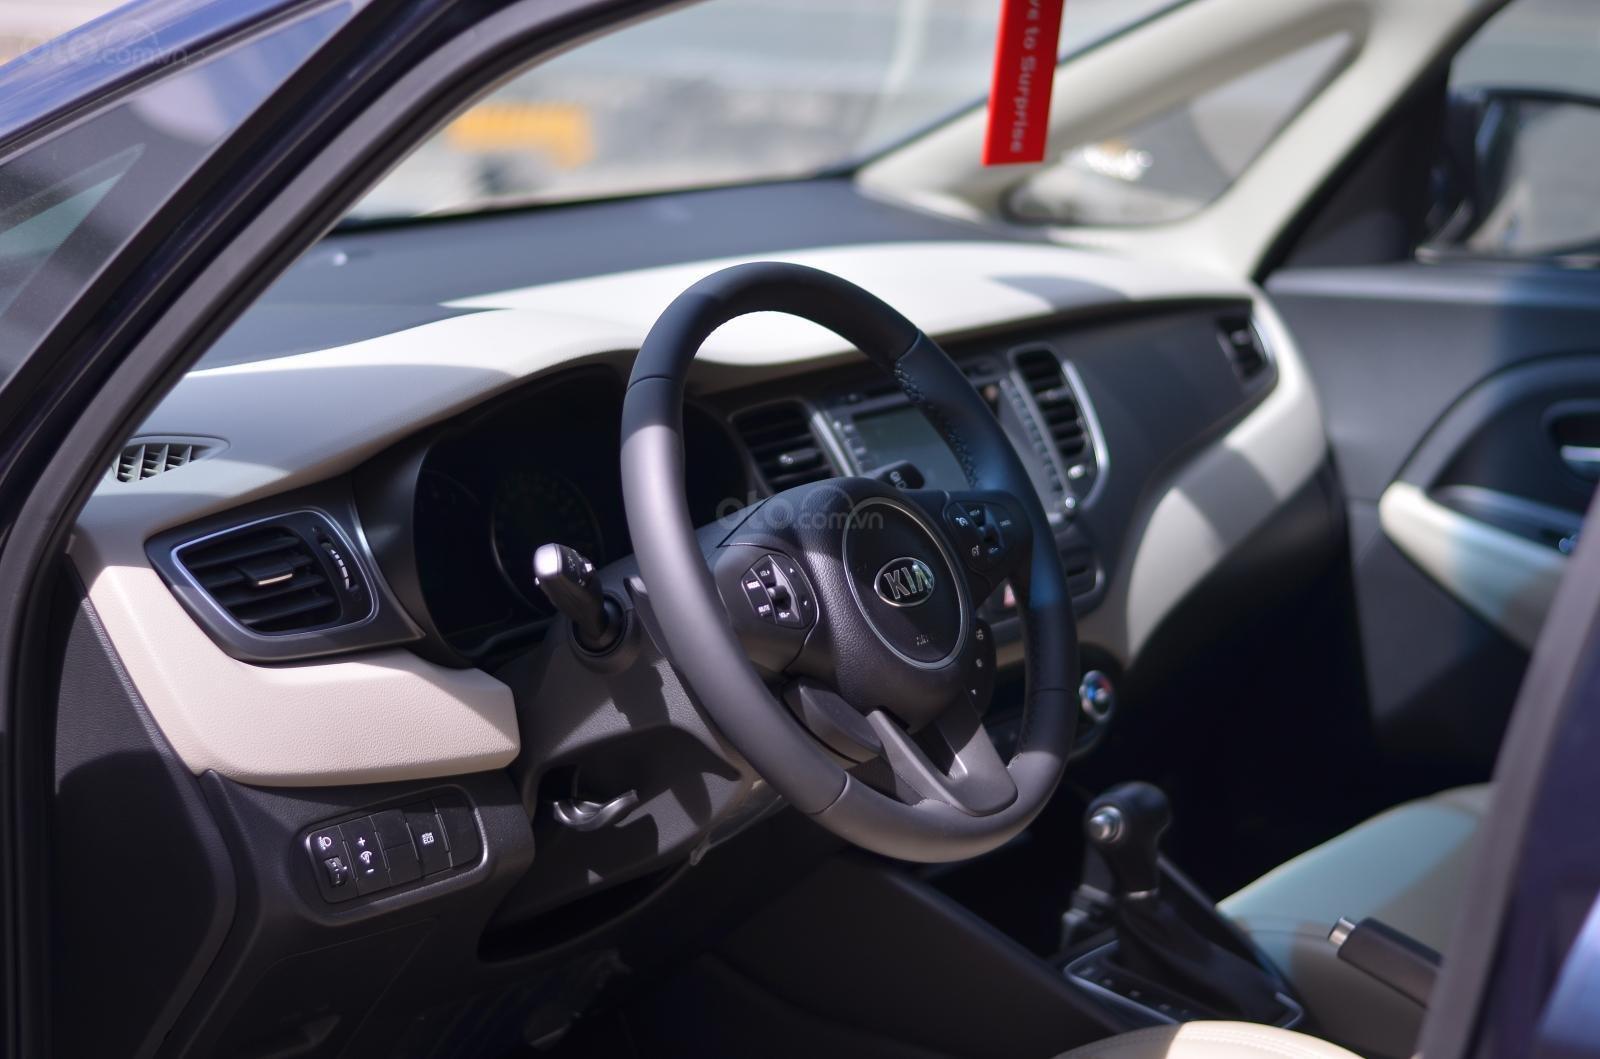 Xe Kia Rondo 2019 giá ưu đãi có xe giao ngay, số lượng xe có hạn (10)